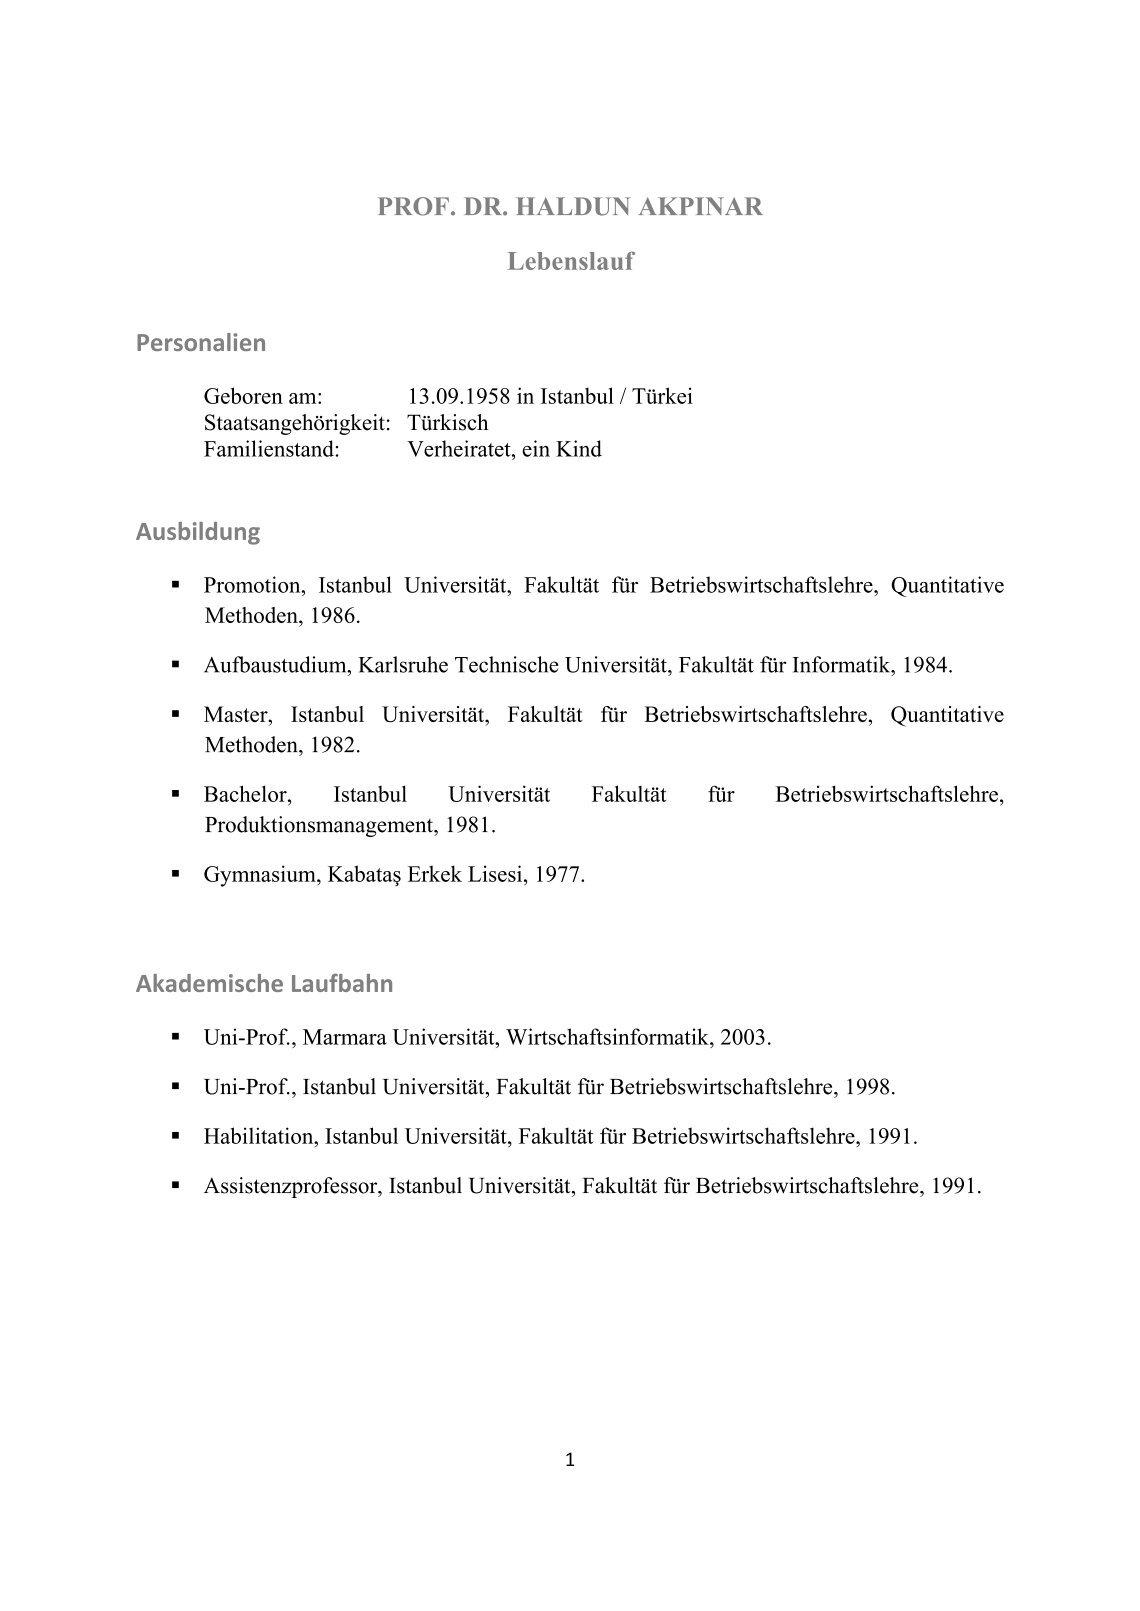 Großartig Probe Akademischer Lebenslauf Professor Ideen - Entry ...